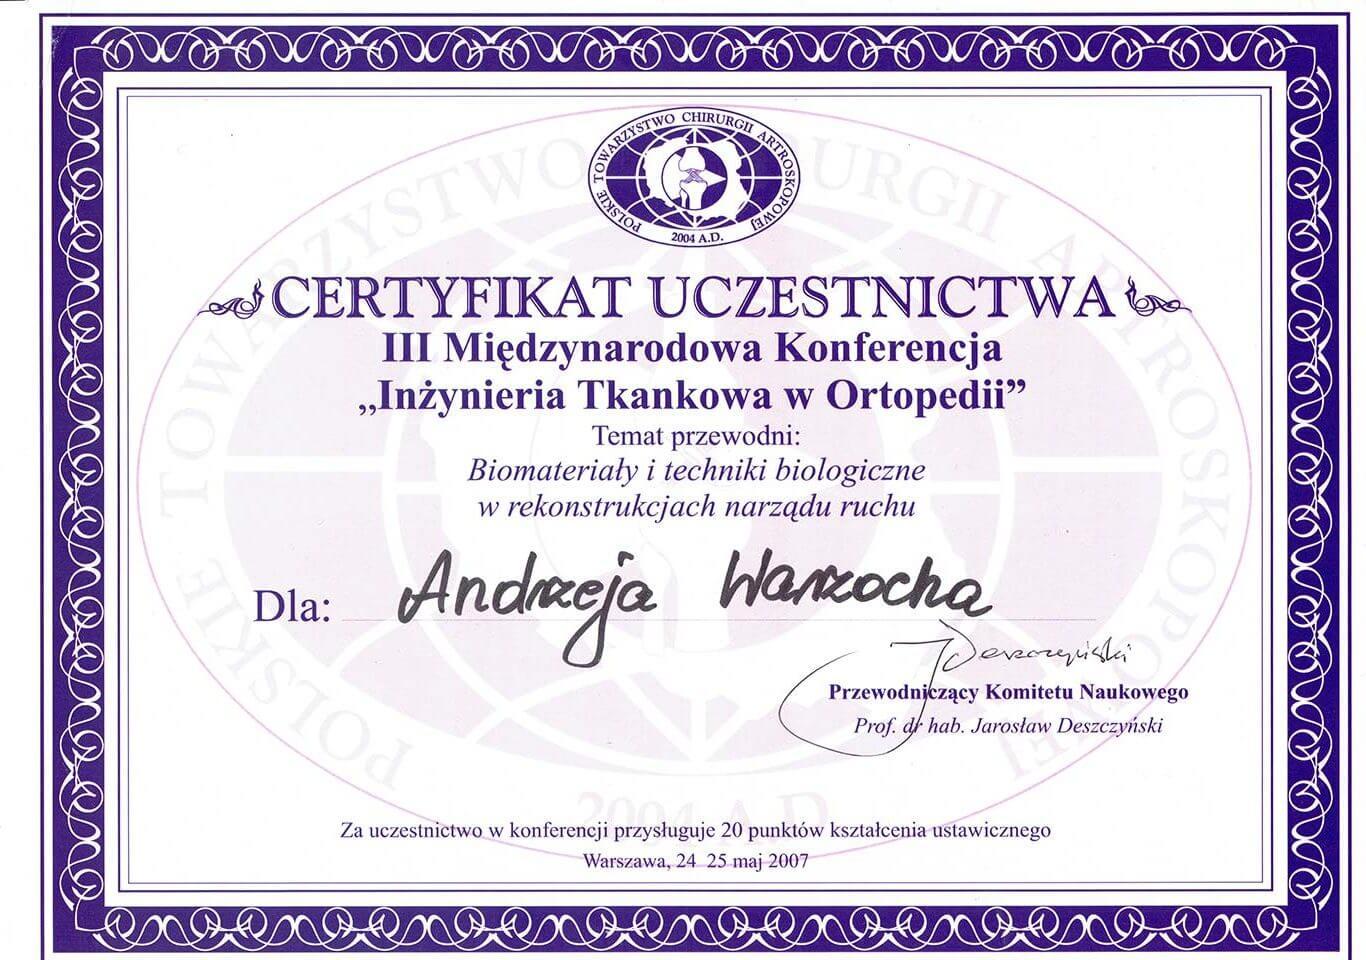 certyfikat-dyplom-adrzej-warzocha (12)